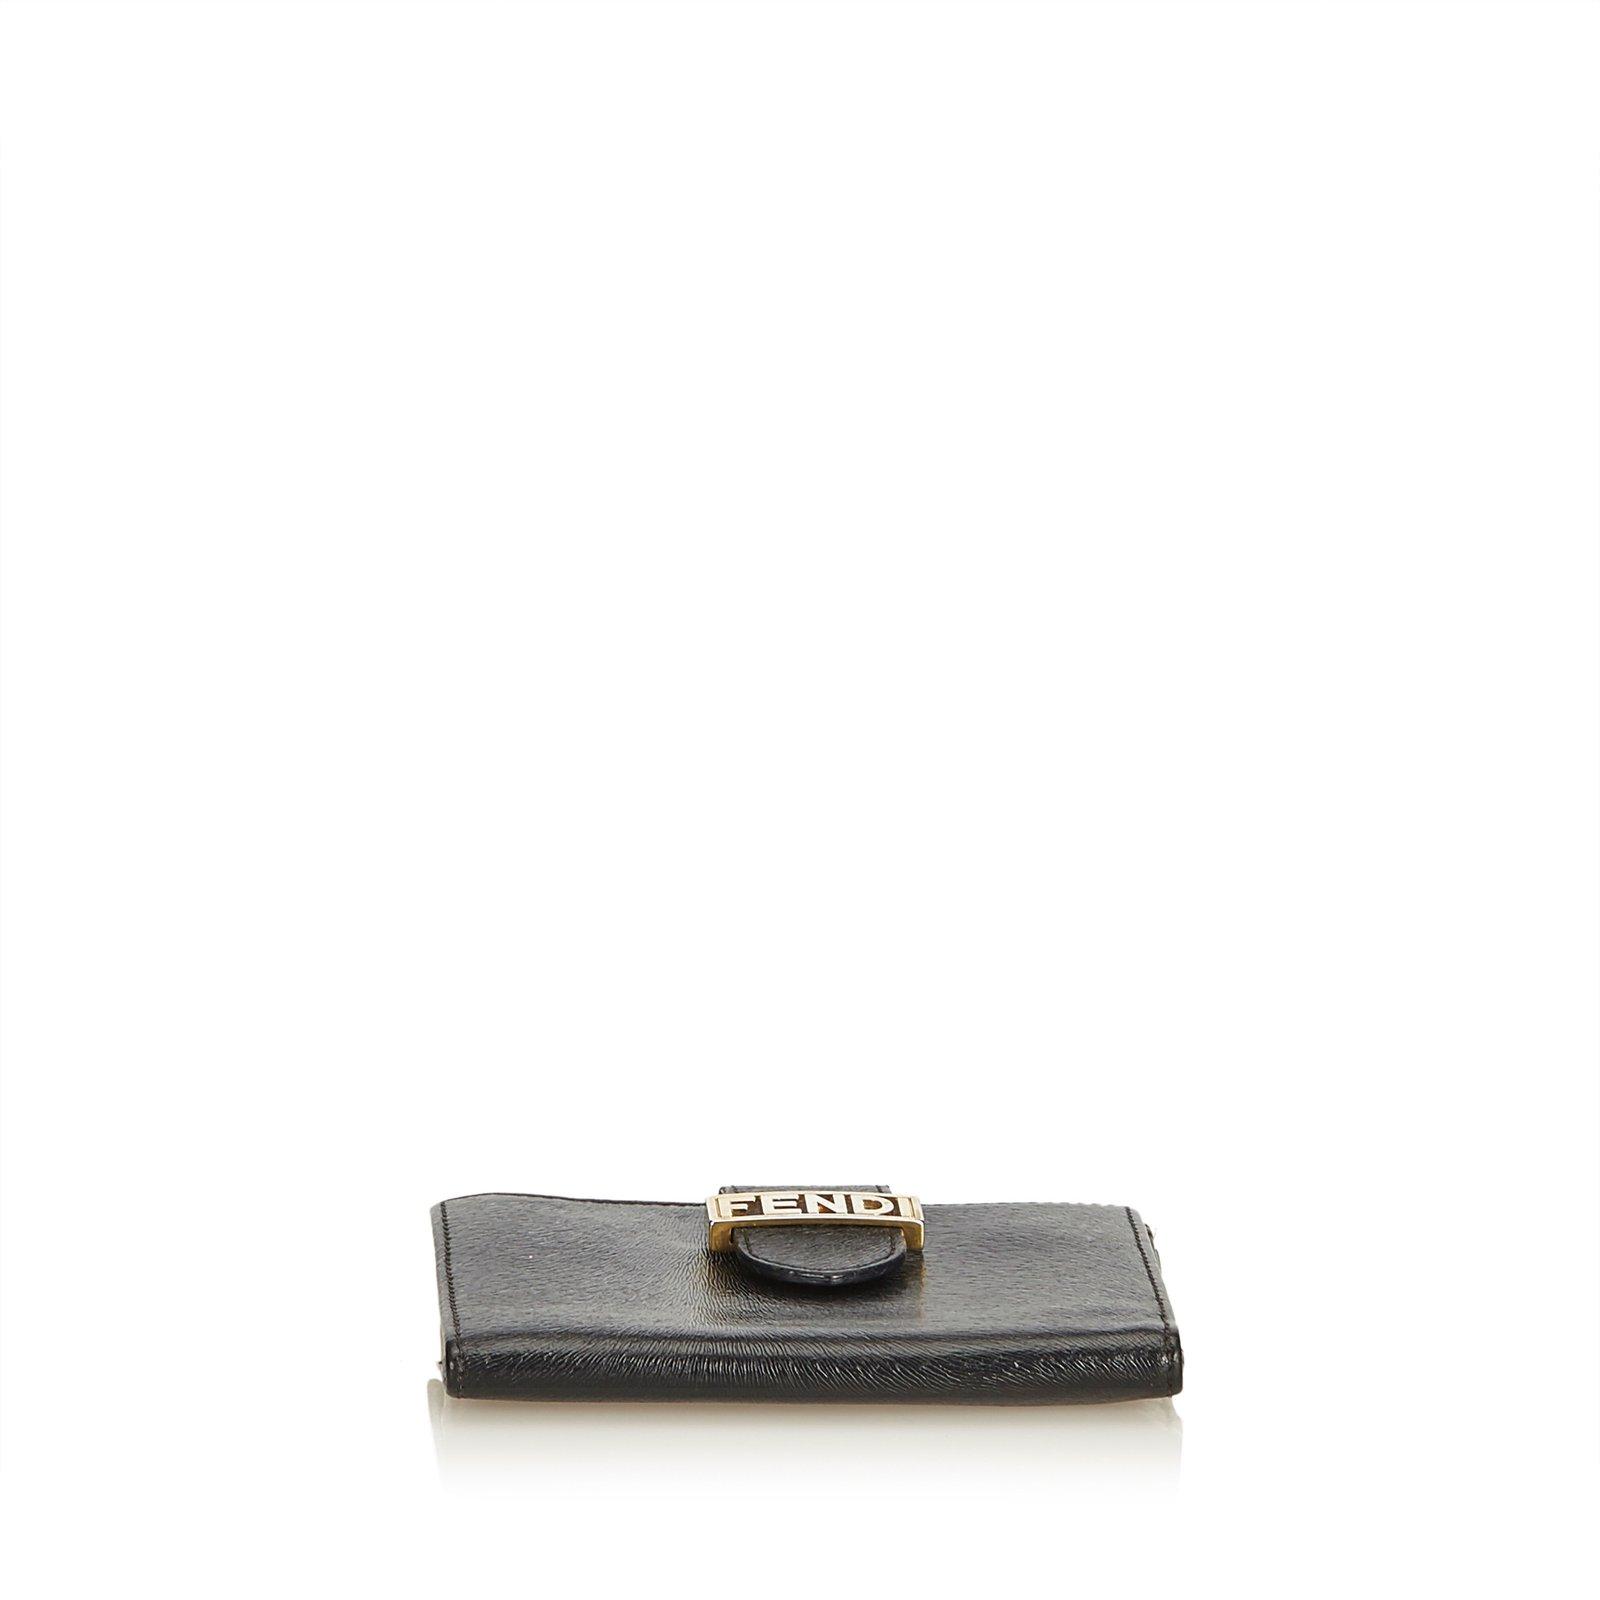 af904415f076 Fendi Embossed Leather Short Wallet Wallets Leather